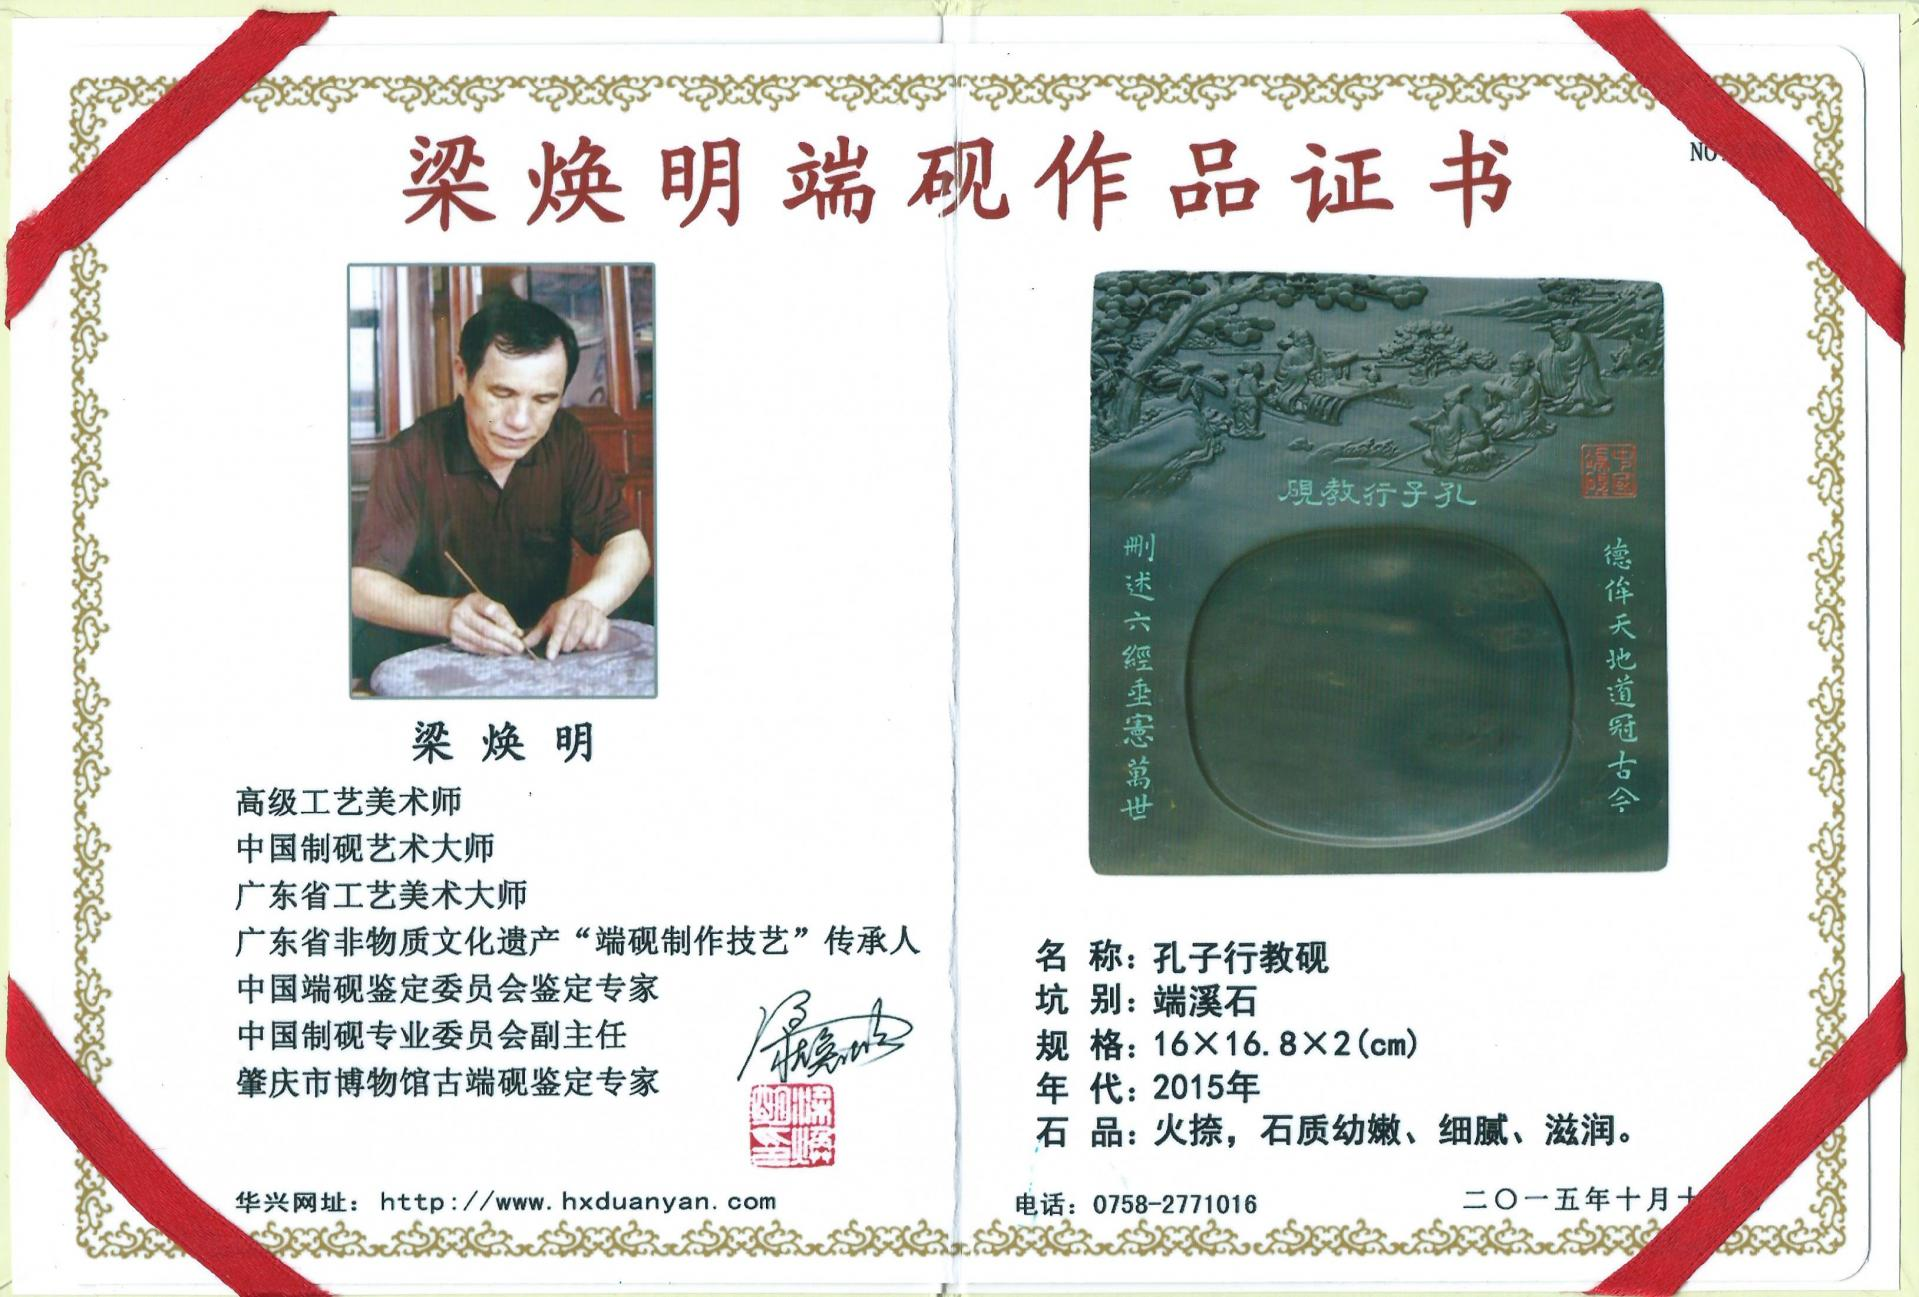 7 liang huanming diplome de la pierre a encre ci dessus